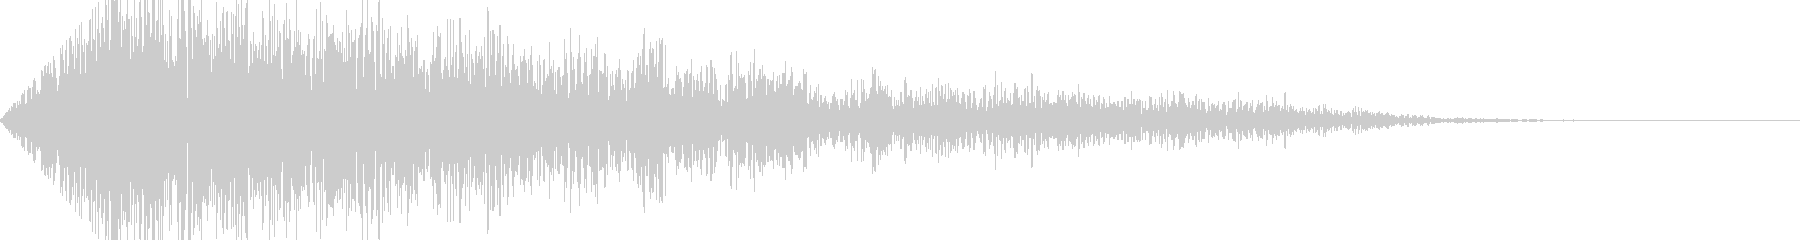 グォーン(巨大な地響き音B)フェードインの未再生の波形